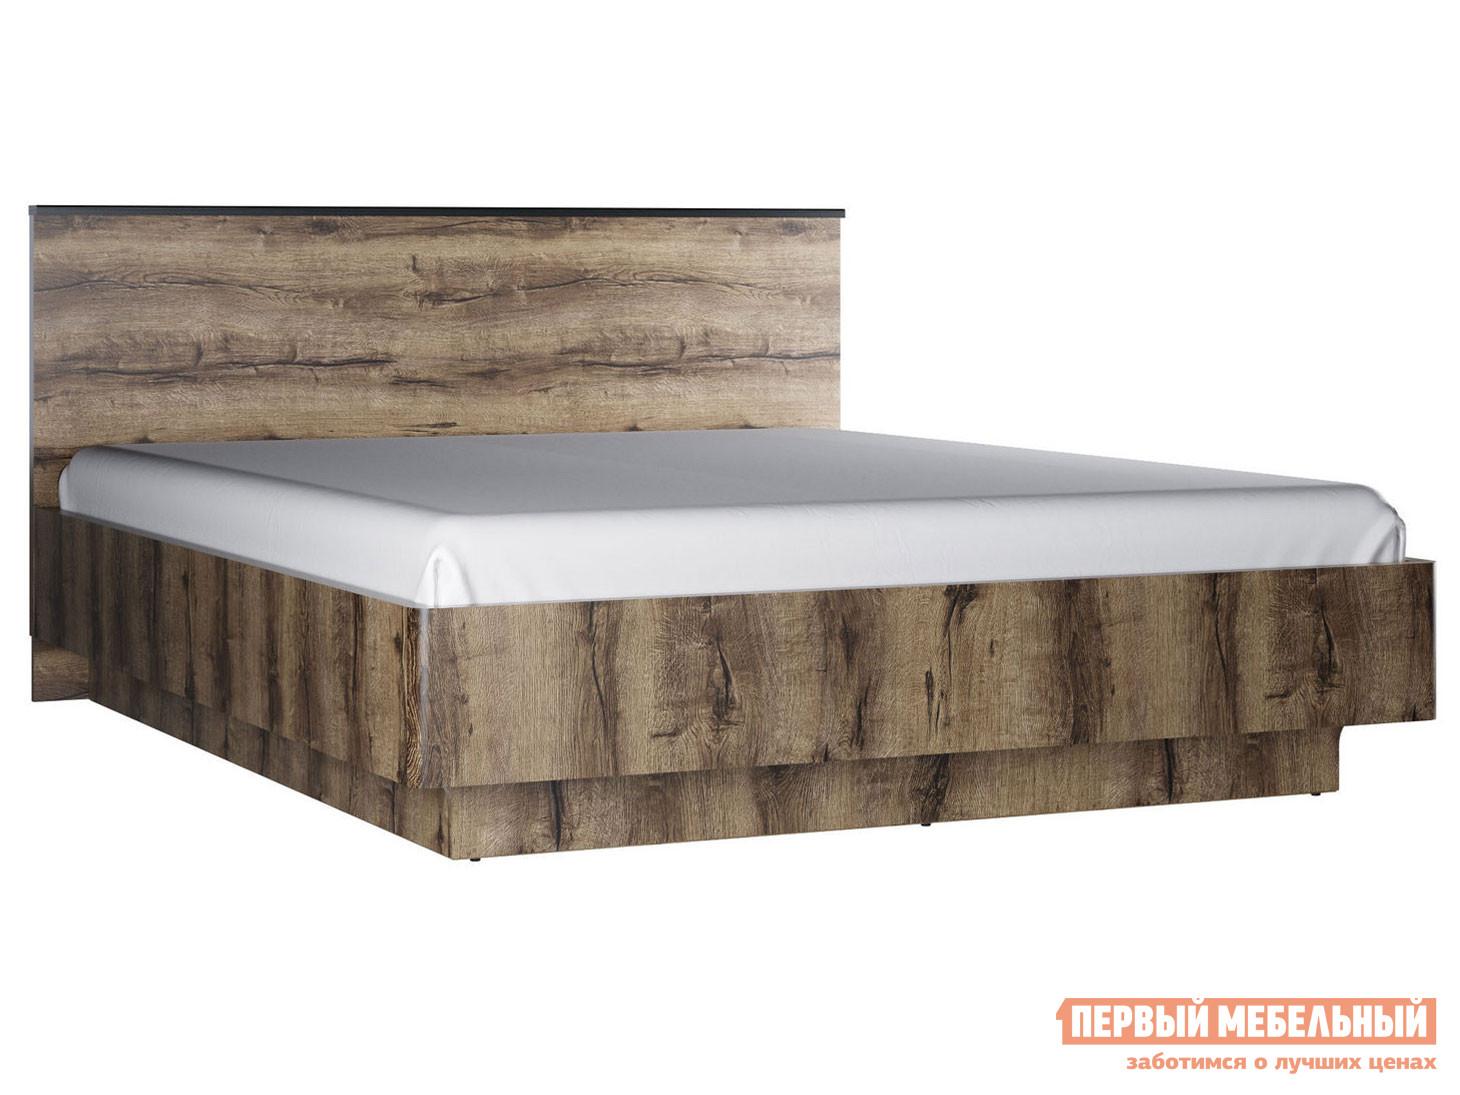 Двуспальная кровать Первый Мебельный Кровать Джагер с подъемным механизмом 160х200 цена 2017